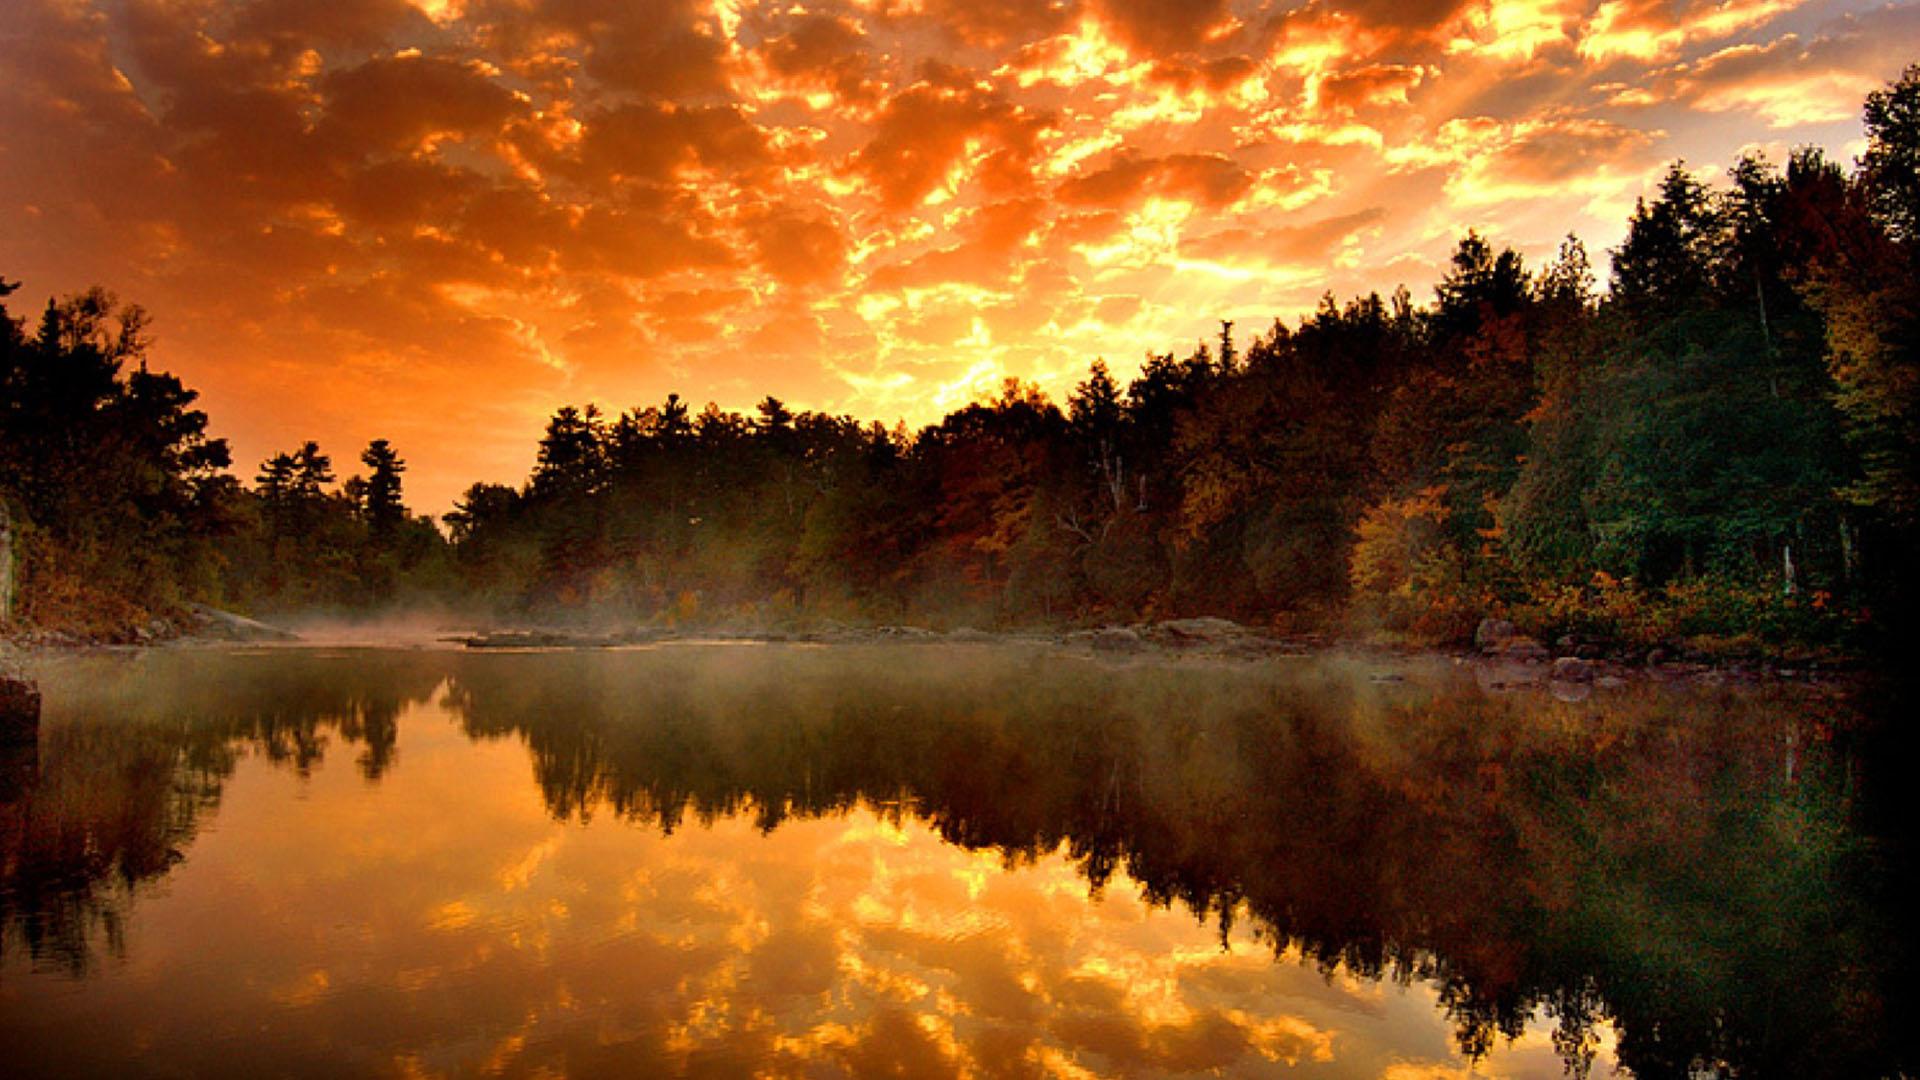 Hd nature wallpapers 1080p wallpapersafari - Wallpaper 1080p for pc ...